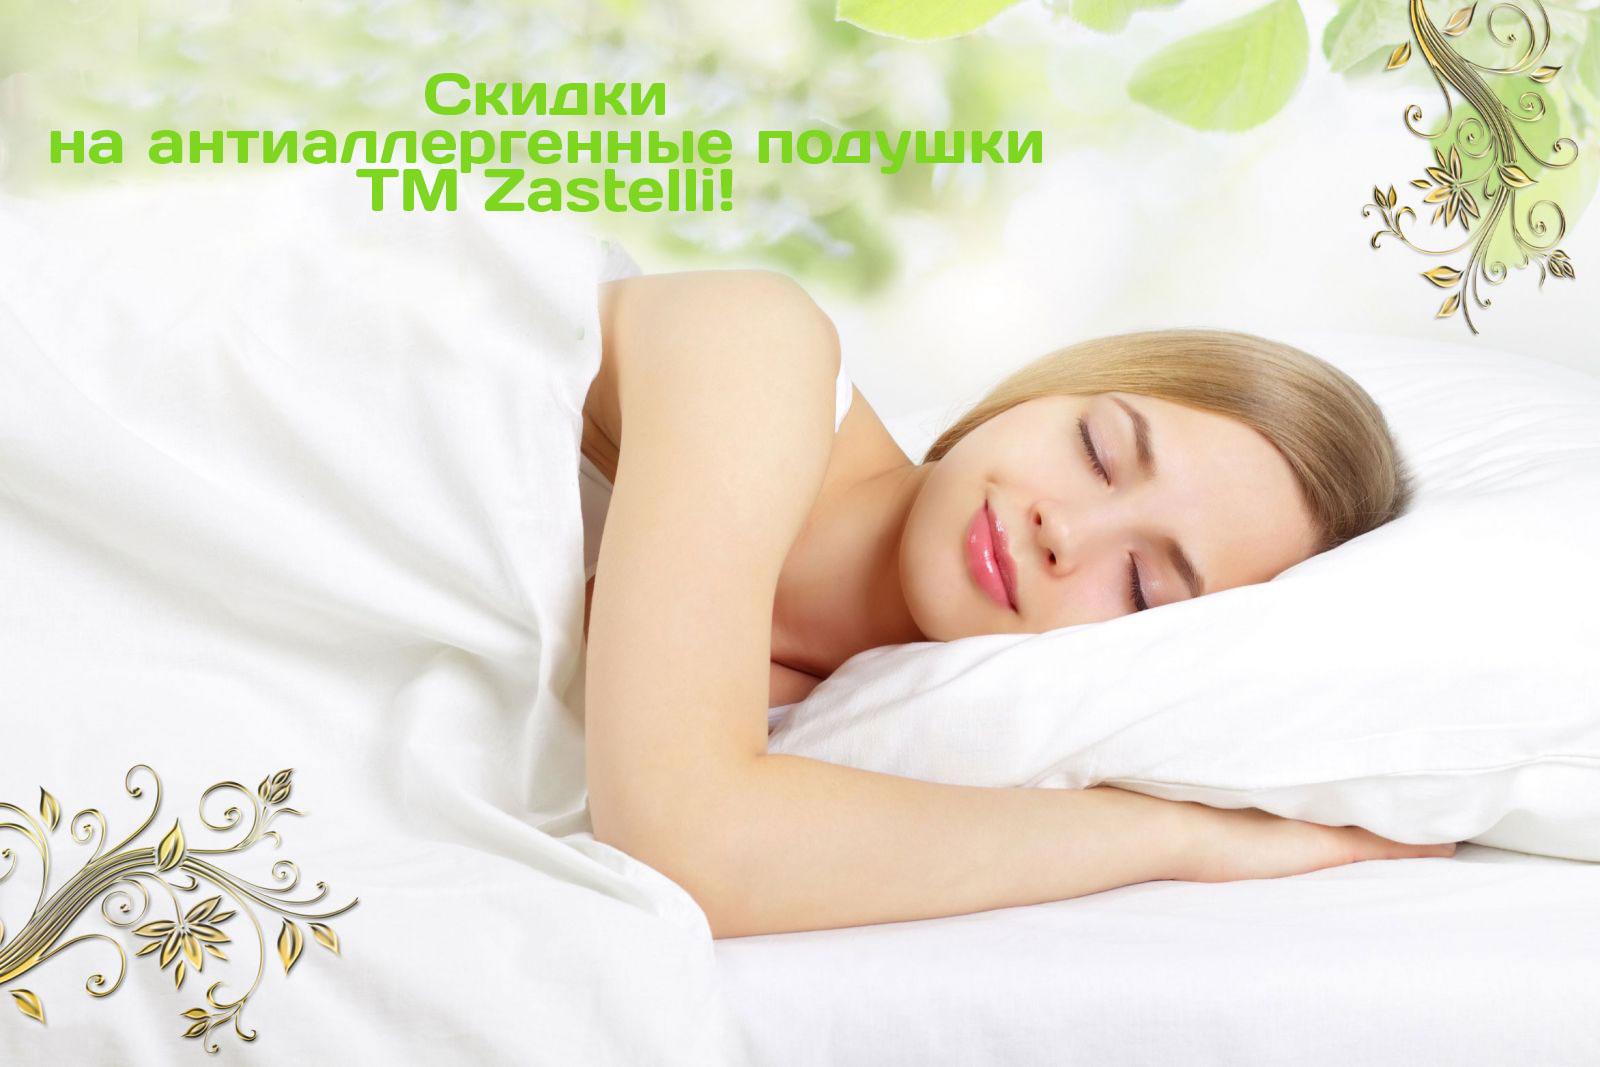 Супер скидки на антиаллергенные подушки ТМ Zastelli!